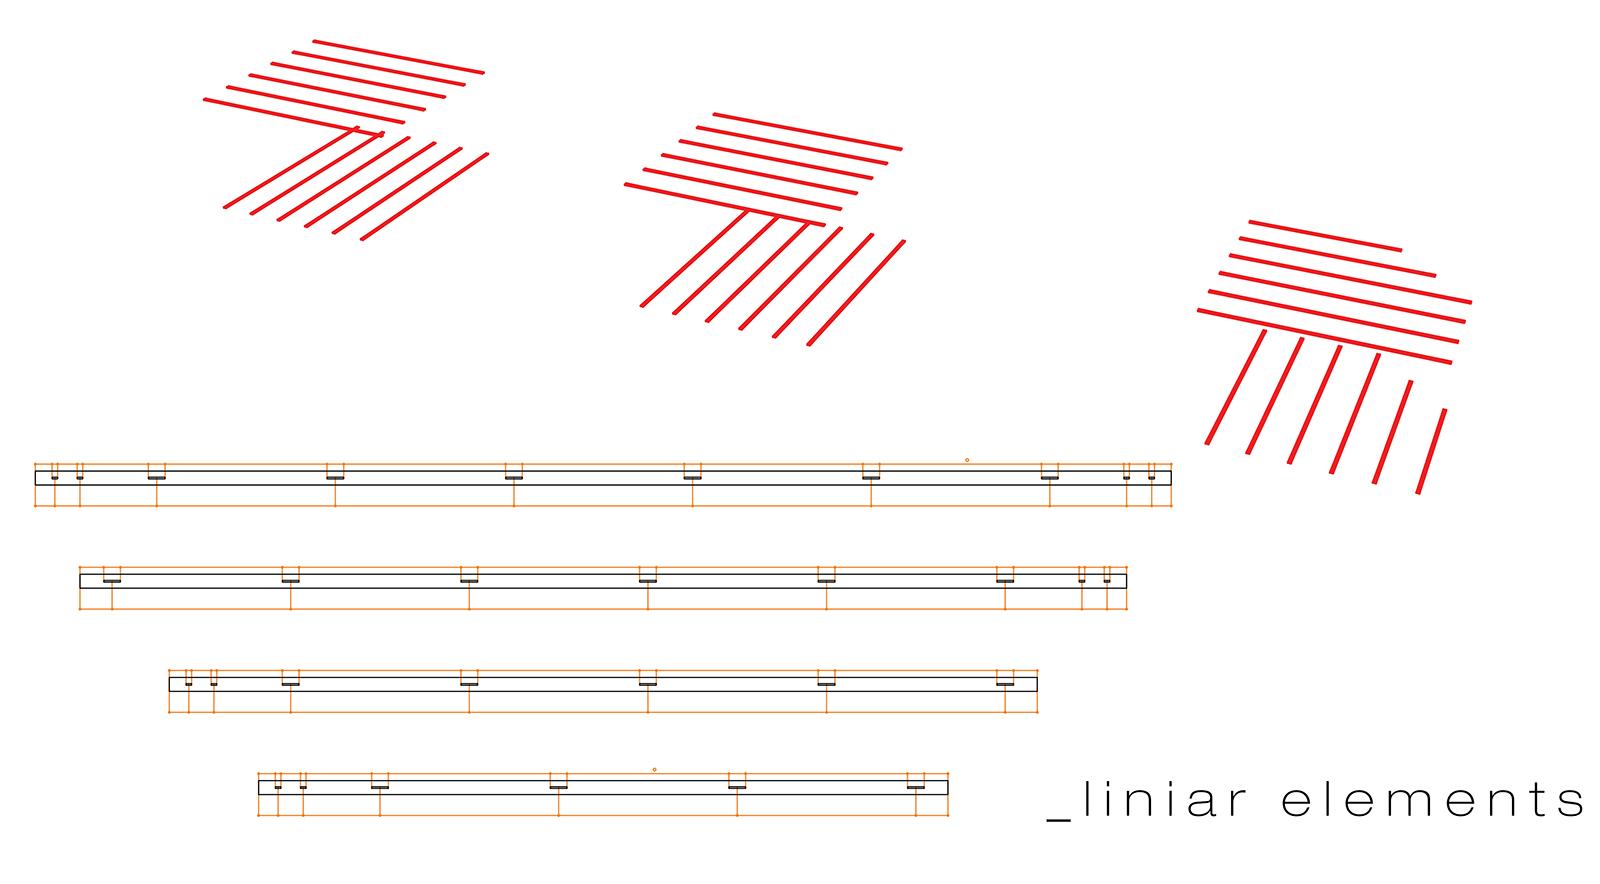 002 el liniar